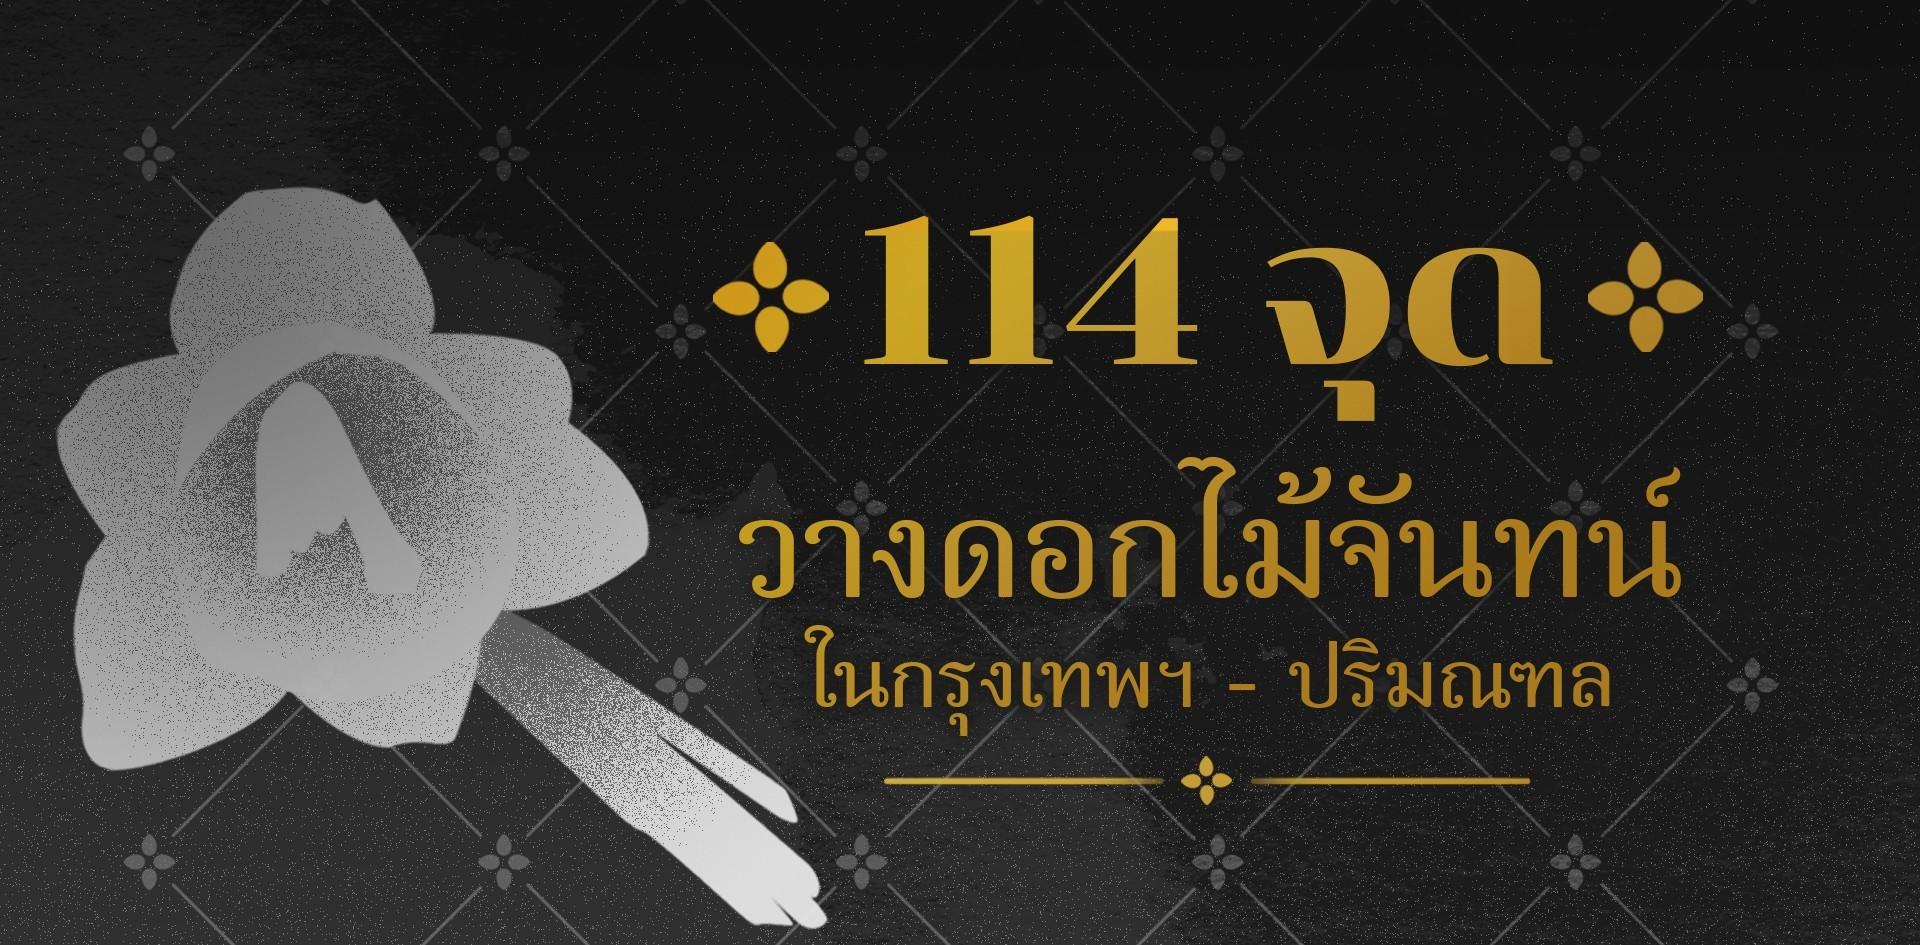 """114 จุด """"วางดอกไม้จันทน์"""" ในกรุงเทพฯ - ปริมณฑล"""